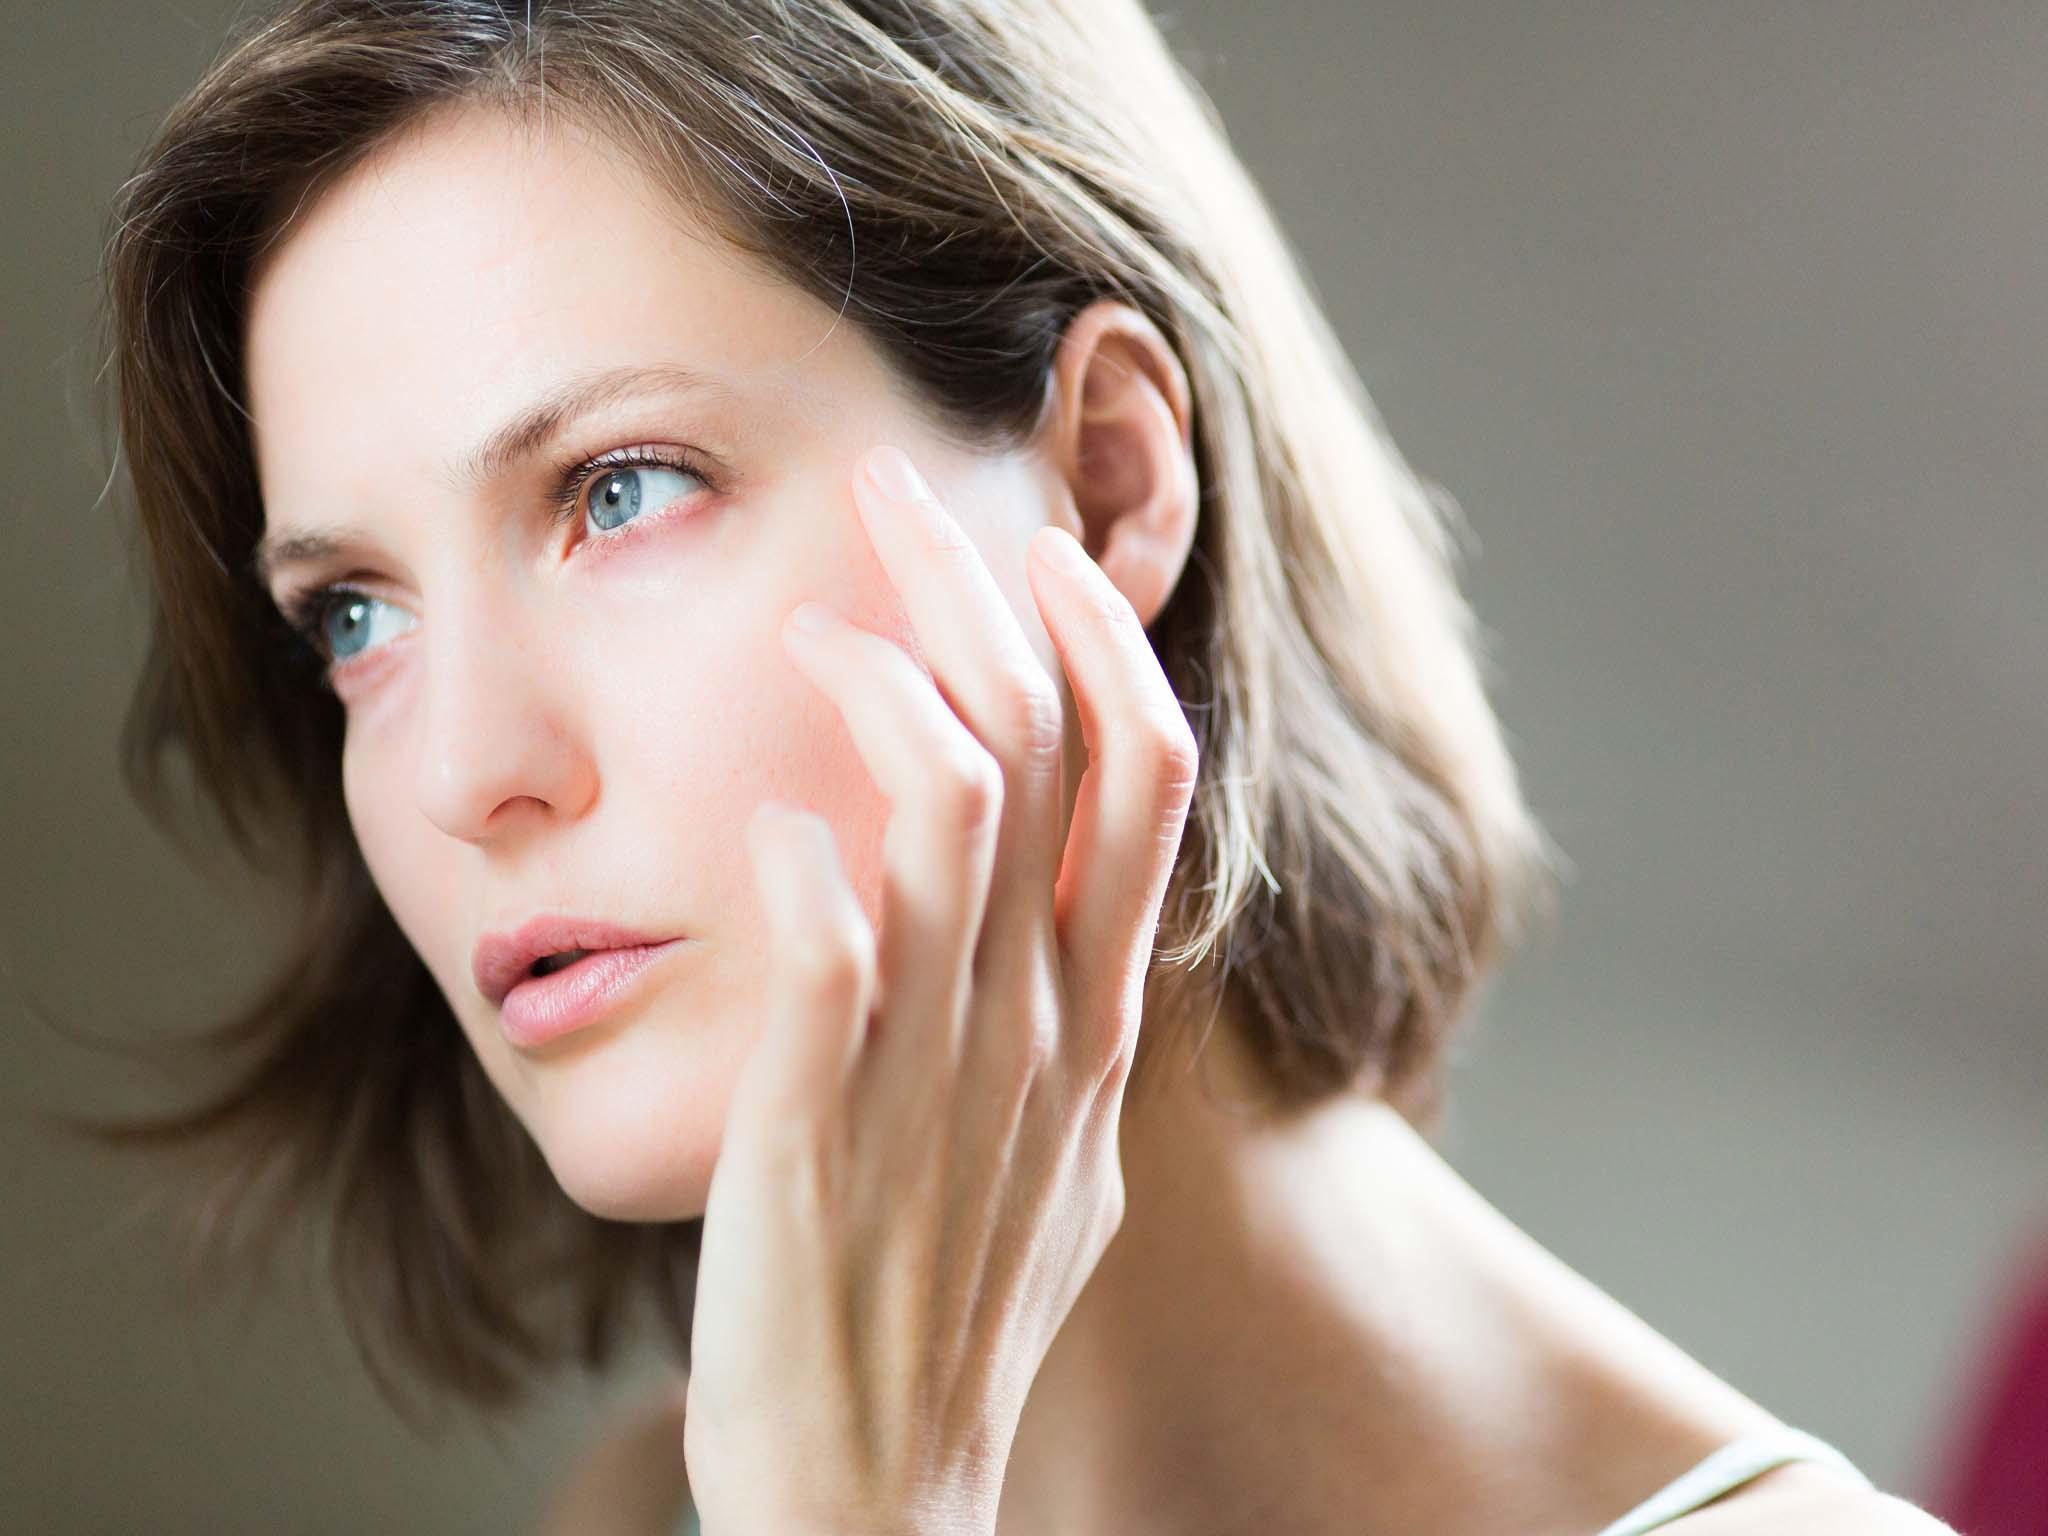 skincare-lead-image